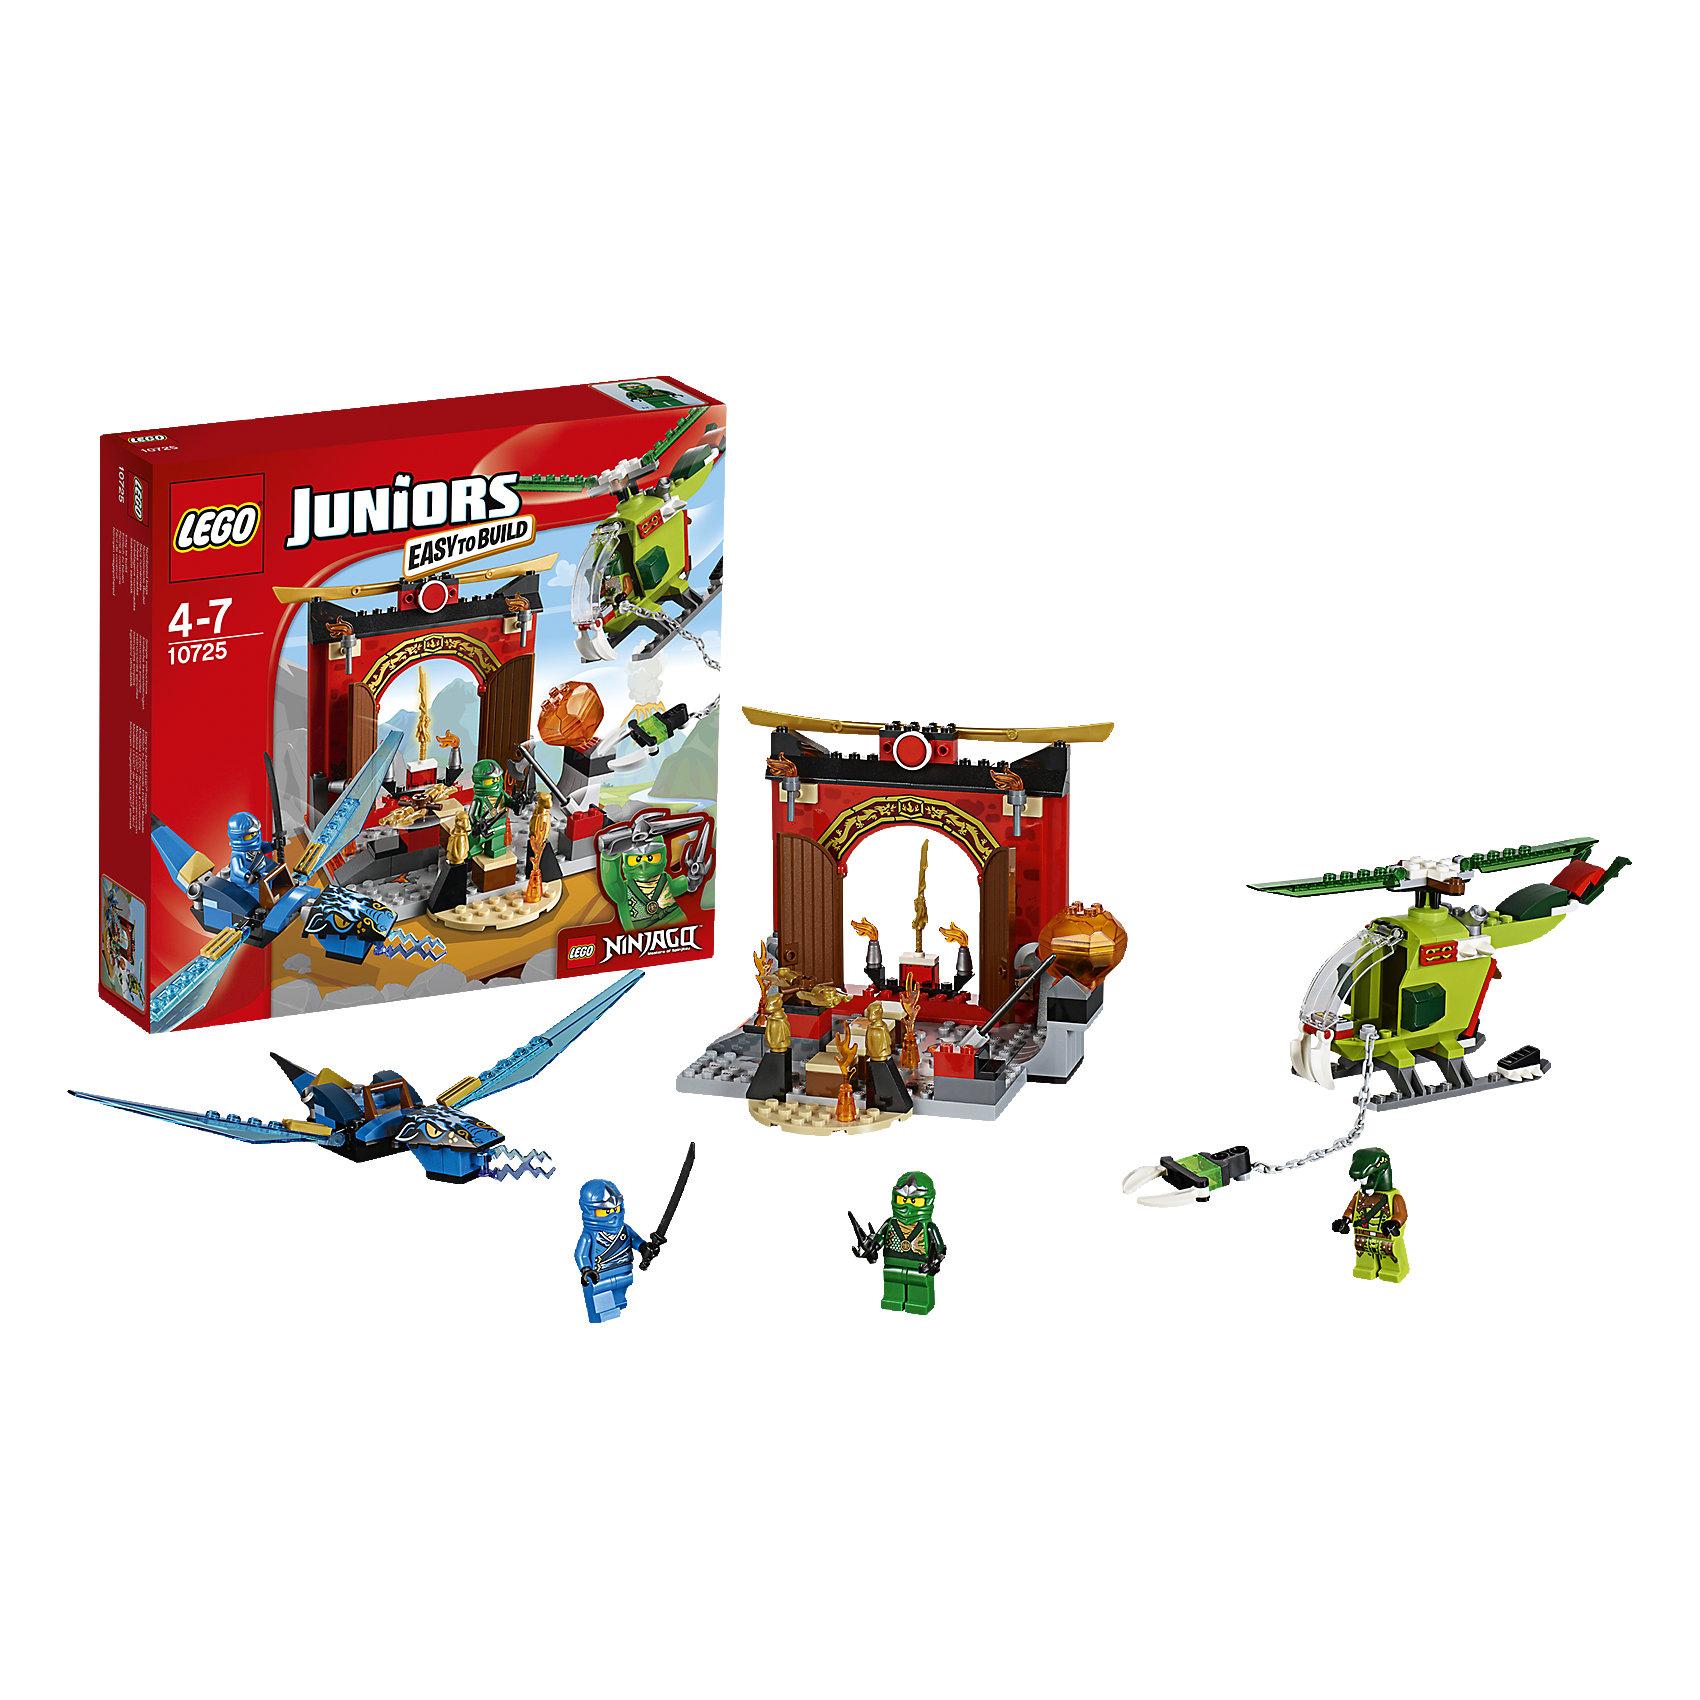 LEGO Juniors 10725: Затерянный храмПроникни с Ллойдом в затерянный храм, чтобы получить Меч Огня. Остерегайся потока лавы, лезвий и подвешенного топора. Если злодей-змей доберется туда первым, пусть Джей догонит его на своем синем драконе и не даст ему бежать! Окунись в приключения в мире Ниндзяго серии LEGO Juniors.<br><br>LEGO Juniors (ЛЕГО Джуниорс) - серия конструкторов для детей от 4 до 7 лет. Размер кубиков и деталей соответствует обычным размерам, при этом наборы очень просты в сборке. Понятные инструкции позволяют детям быстро получить результат и приступить к игре. Конструкторы этой серии прекрасно детализированы, яркие, прочные, имеют множество различных сюжетов - идеально подходят для реалистичных и познавательных игр.<br><br>Дополнительная информация:<br><br>- Конструкторы ЛЕГО развивают усидчивость, внимание, фантазию и мелкую моторику. <br>- Комплектация: 3 минифигурки, аксессуары, дракон Джея, вертолет, меч огня, ловушки. <br>- В комплекте 3 минифигурки: Ллойд, Джей, Змей.<br>- Количество деталей: 172 шт.<br>- Серия ЛЕГО Джуниорс (LEGO  Juniors ).<br>- Материал: пластик.<br>- Размер упаковки: 28,2x26,2x5,9 см.<br>- Вес:  0,47 кг.<br><br>Конструктор LEGO Juniors 10725: Затерянный храм можно купить в нашем магазине.<br><br>Ширина мм: 286<br>Глубина мм: 259<br>Высота мм: 60<br>Вес г: 462<br>Возраст от месяцев: 48<br>Возраст до месяцев: 84<br>Пол: Мужской<br>Возраст: Детский<br>SKU: 4259086